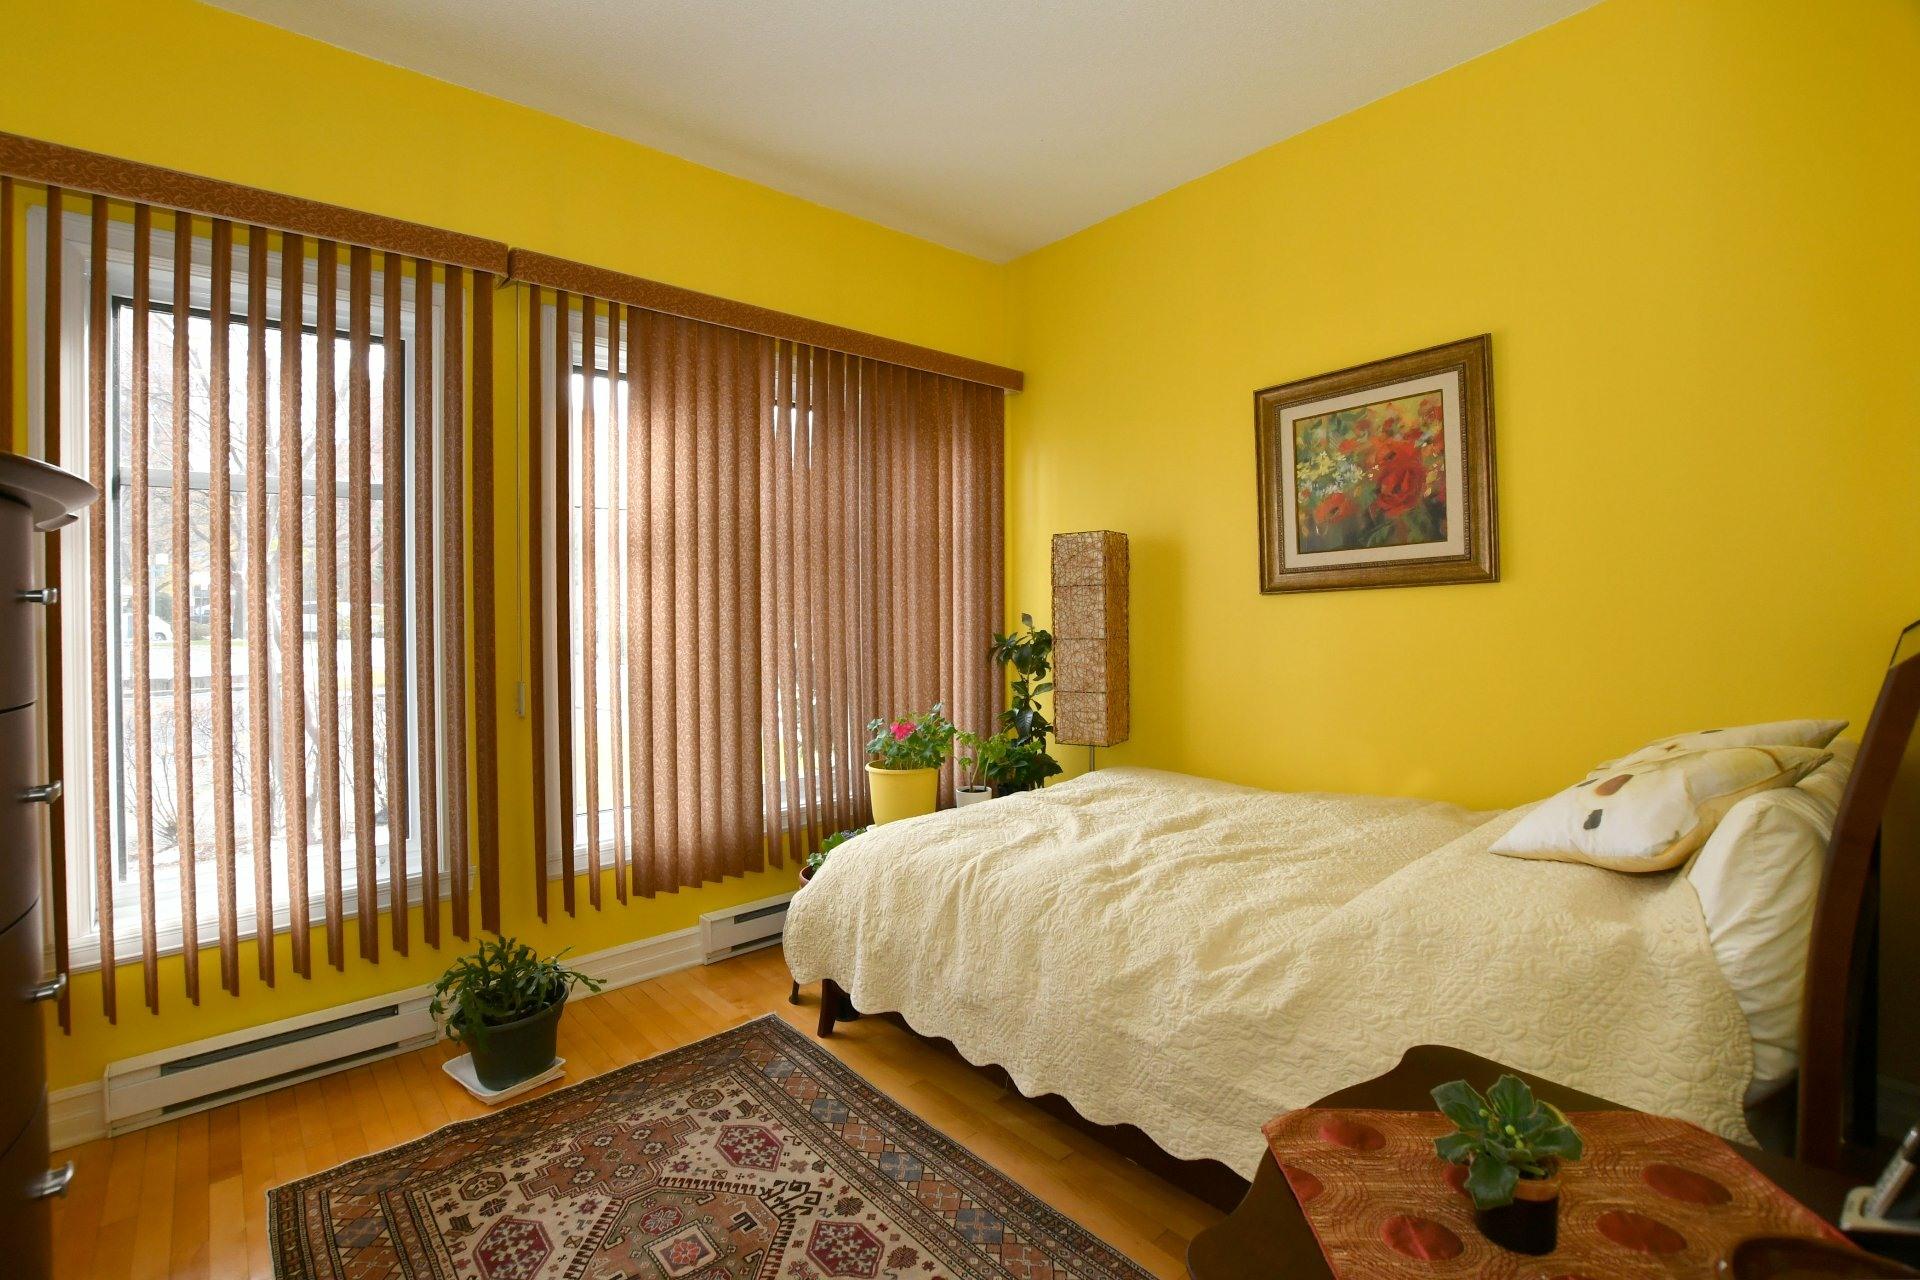 image 10 - Apartment For sale Saint-Laurent Montréal  - 5 rooms